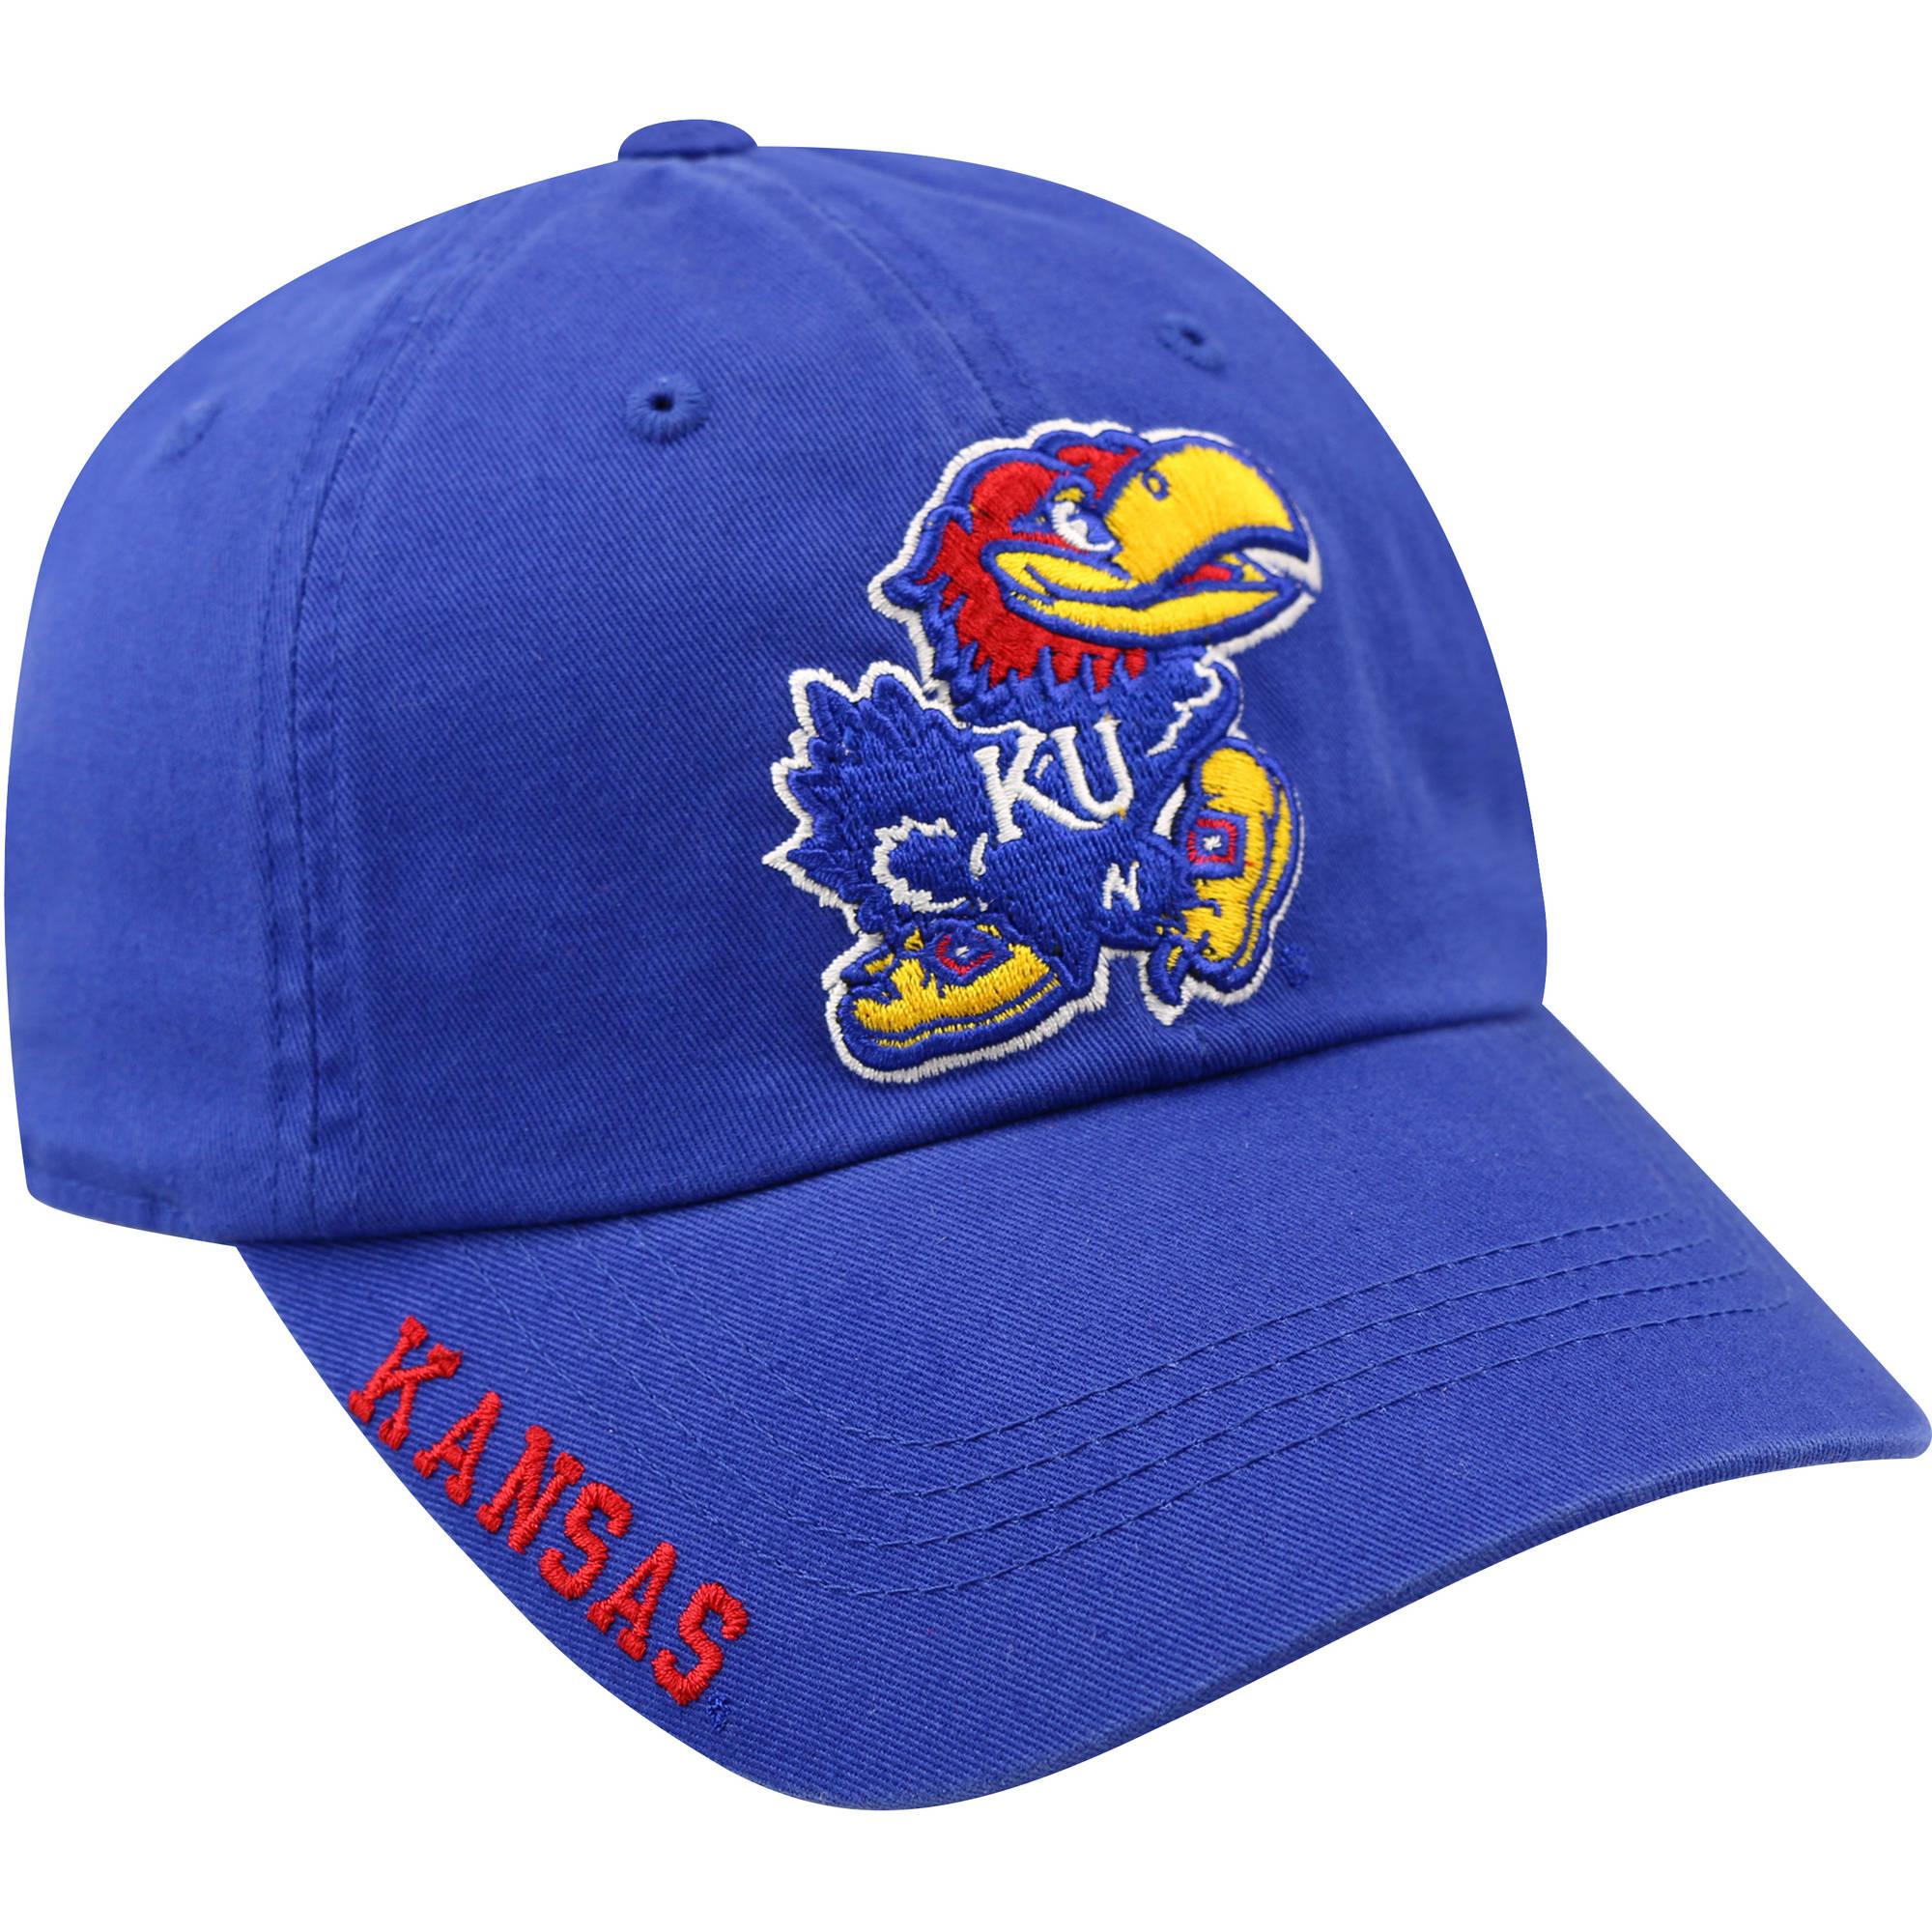 NCAA Men's Kansas Jayhawks Home Cap